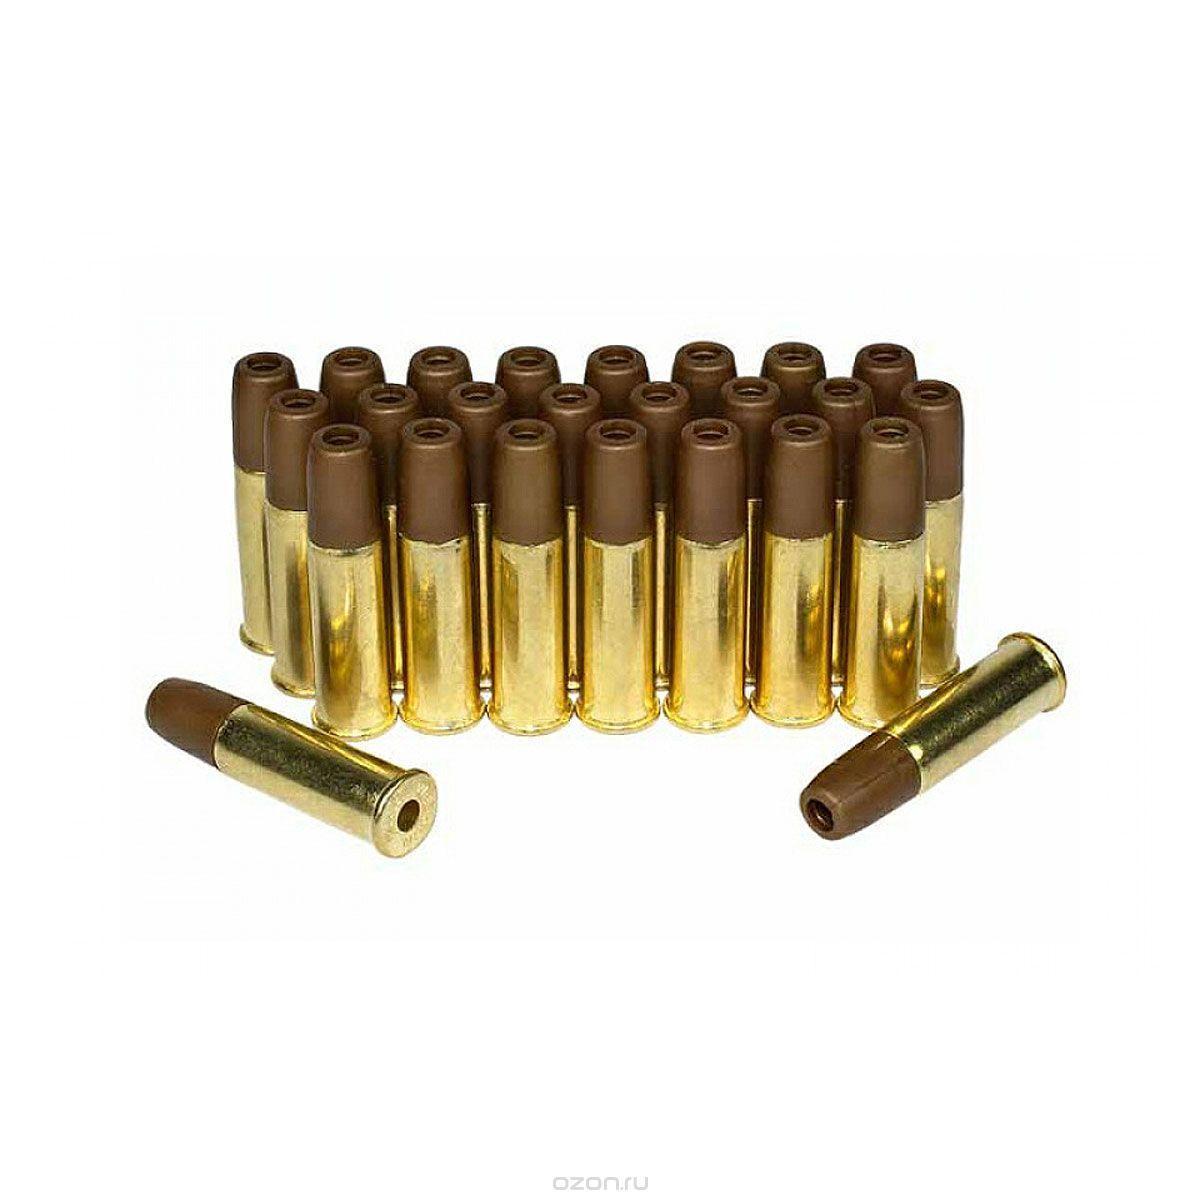 Фальш-патроны для страйкбольного оружия ASG 16783, Диаметр: 4,5 мм, 25 шт.